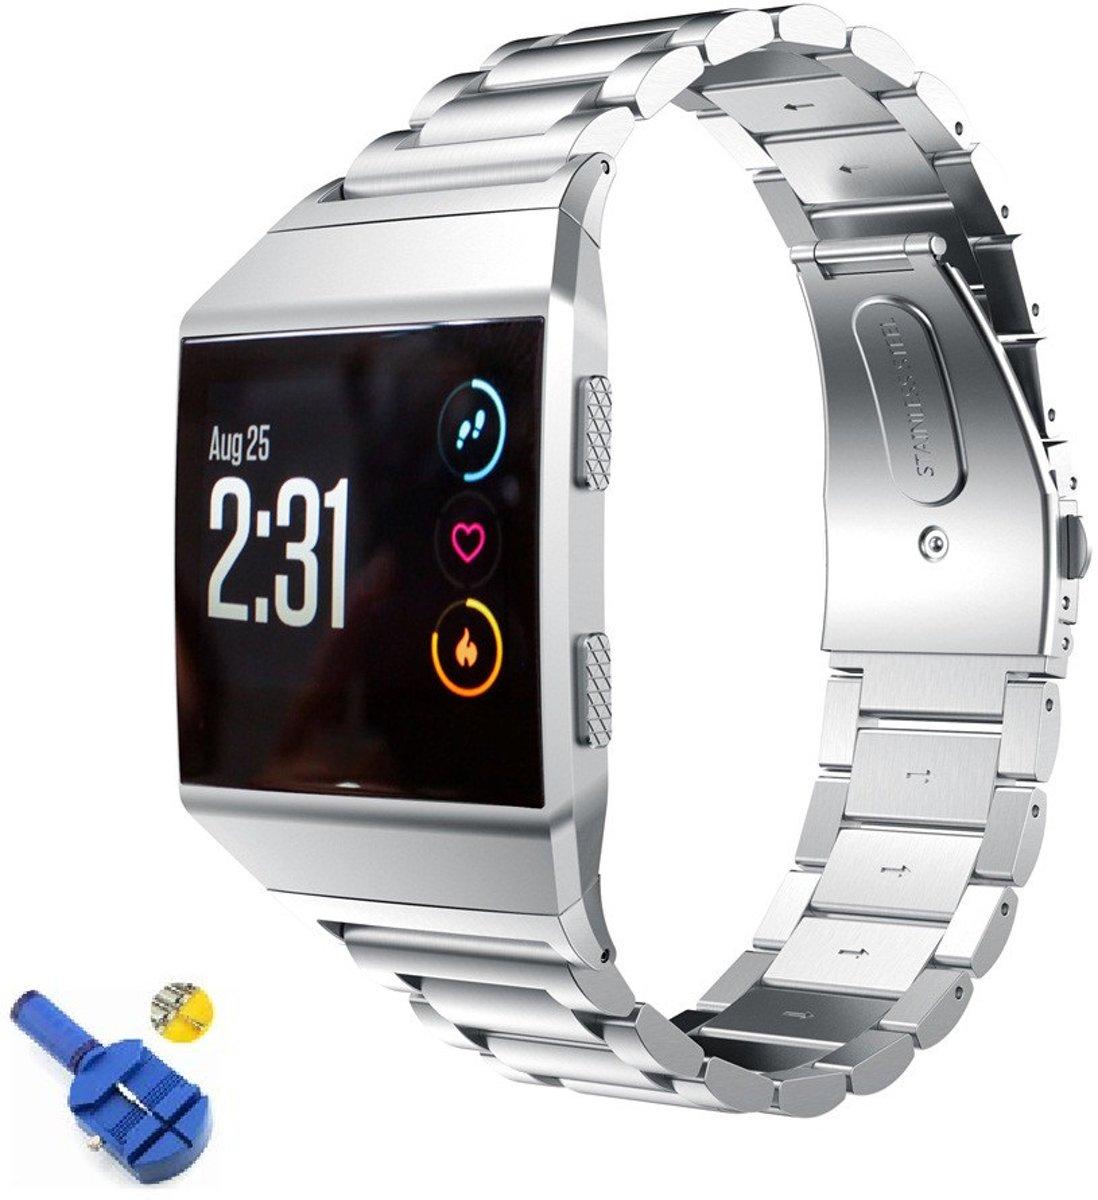 RVS Horloge Band Voor Fitbit Ionic - Watchband - Strap Armband - Metalen Sport Armband - Small/Large Zilver Kleurig kopen